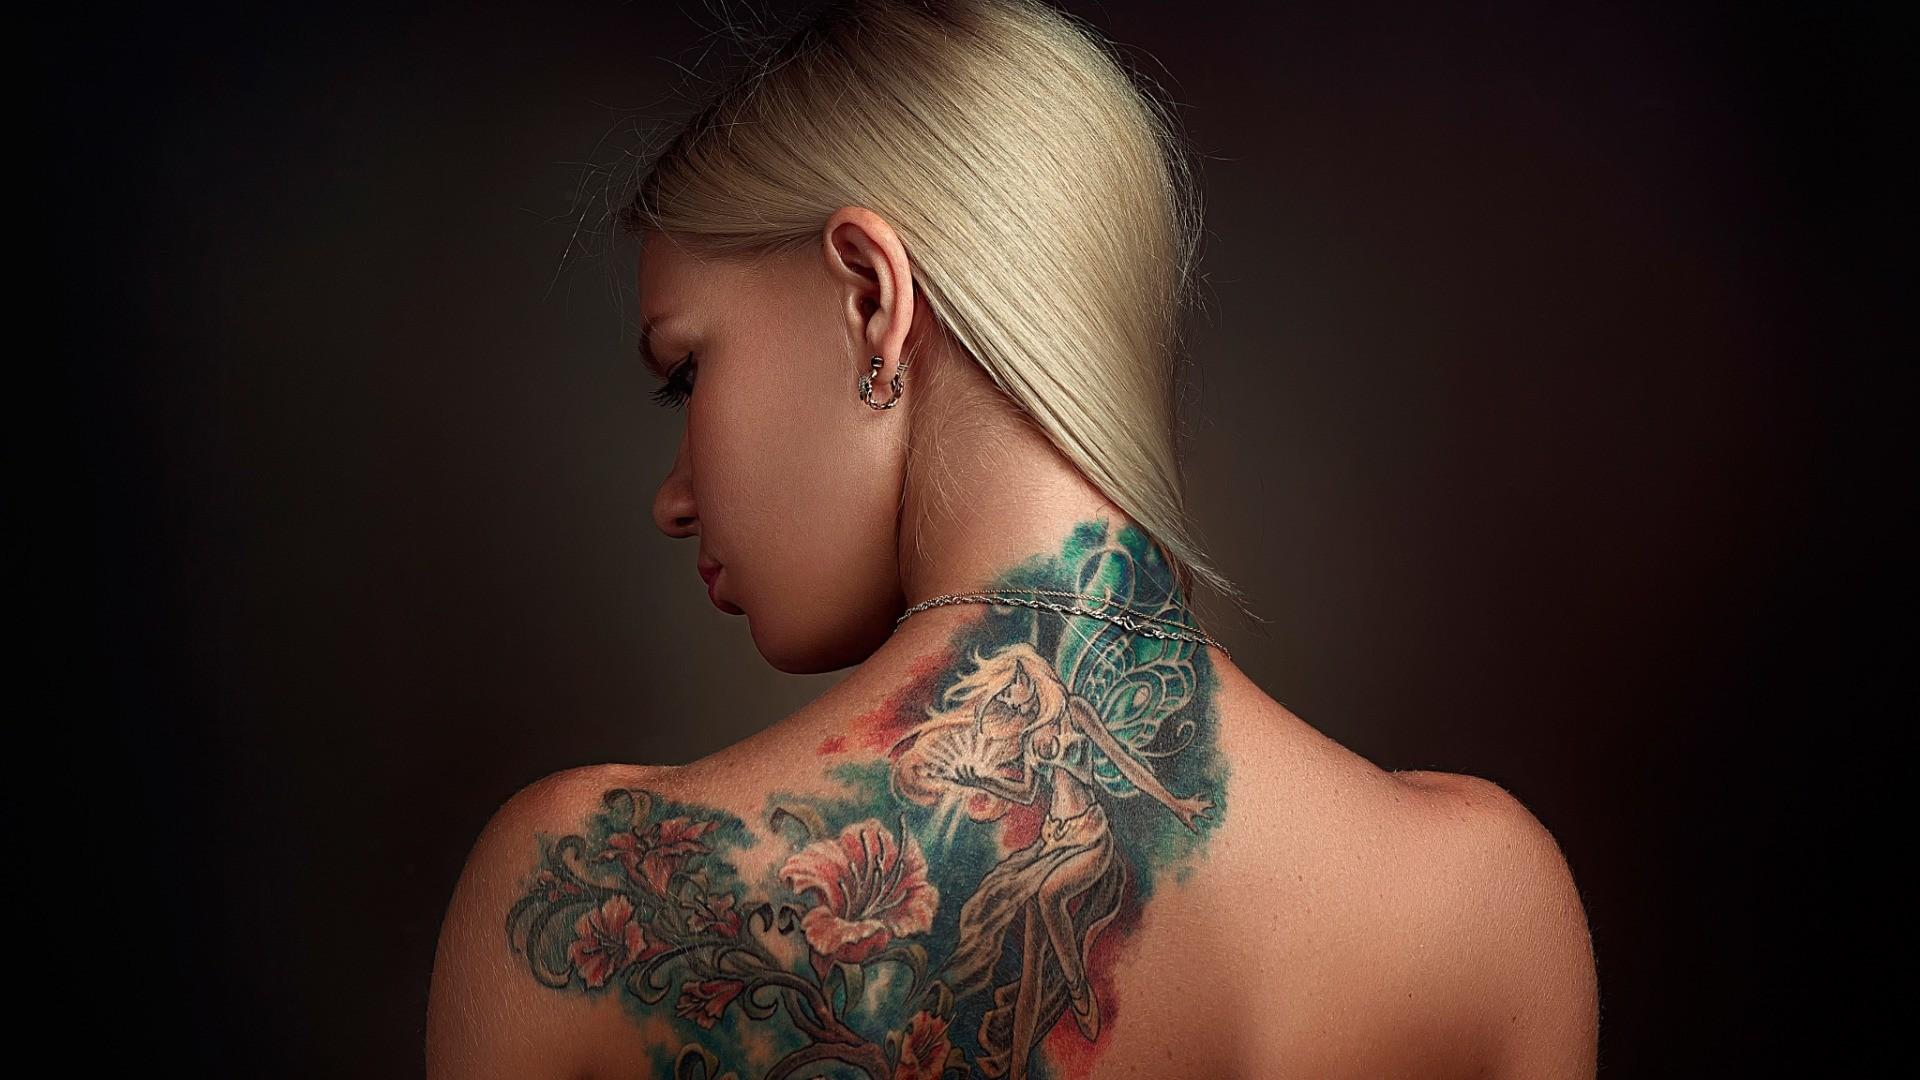 Tatouage Oreille Femme se rapportant à fond d'écran : visage, femmes, maquette, blond, fond simple, cheveux